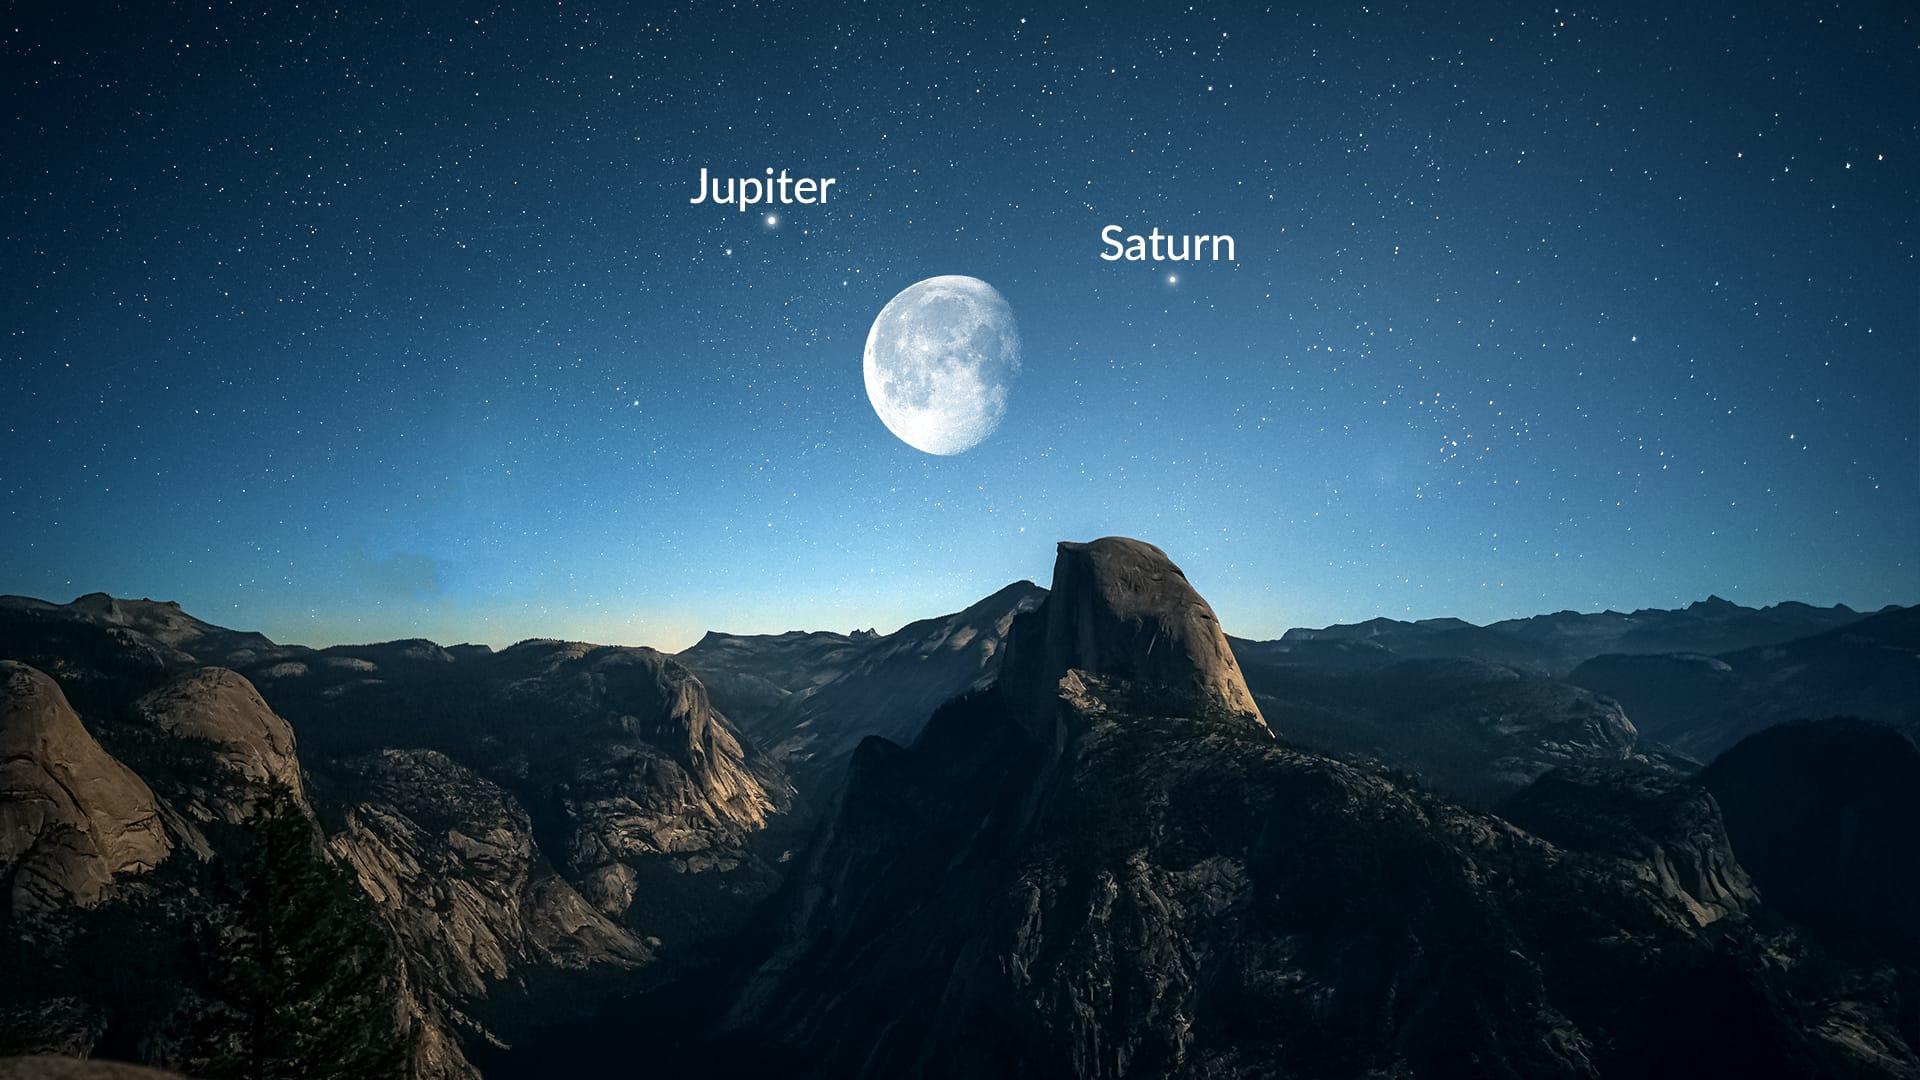 Zie eind juni de maan langs de gasreuzen passeren